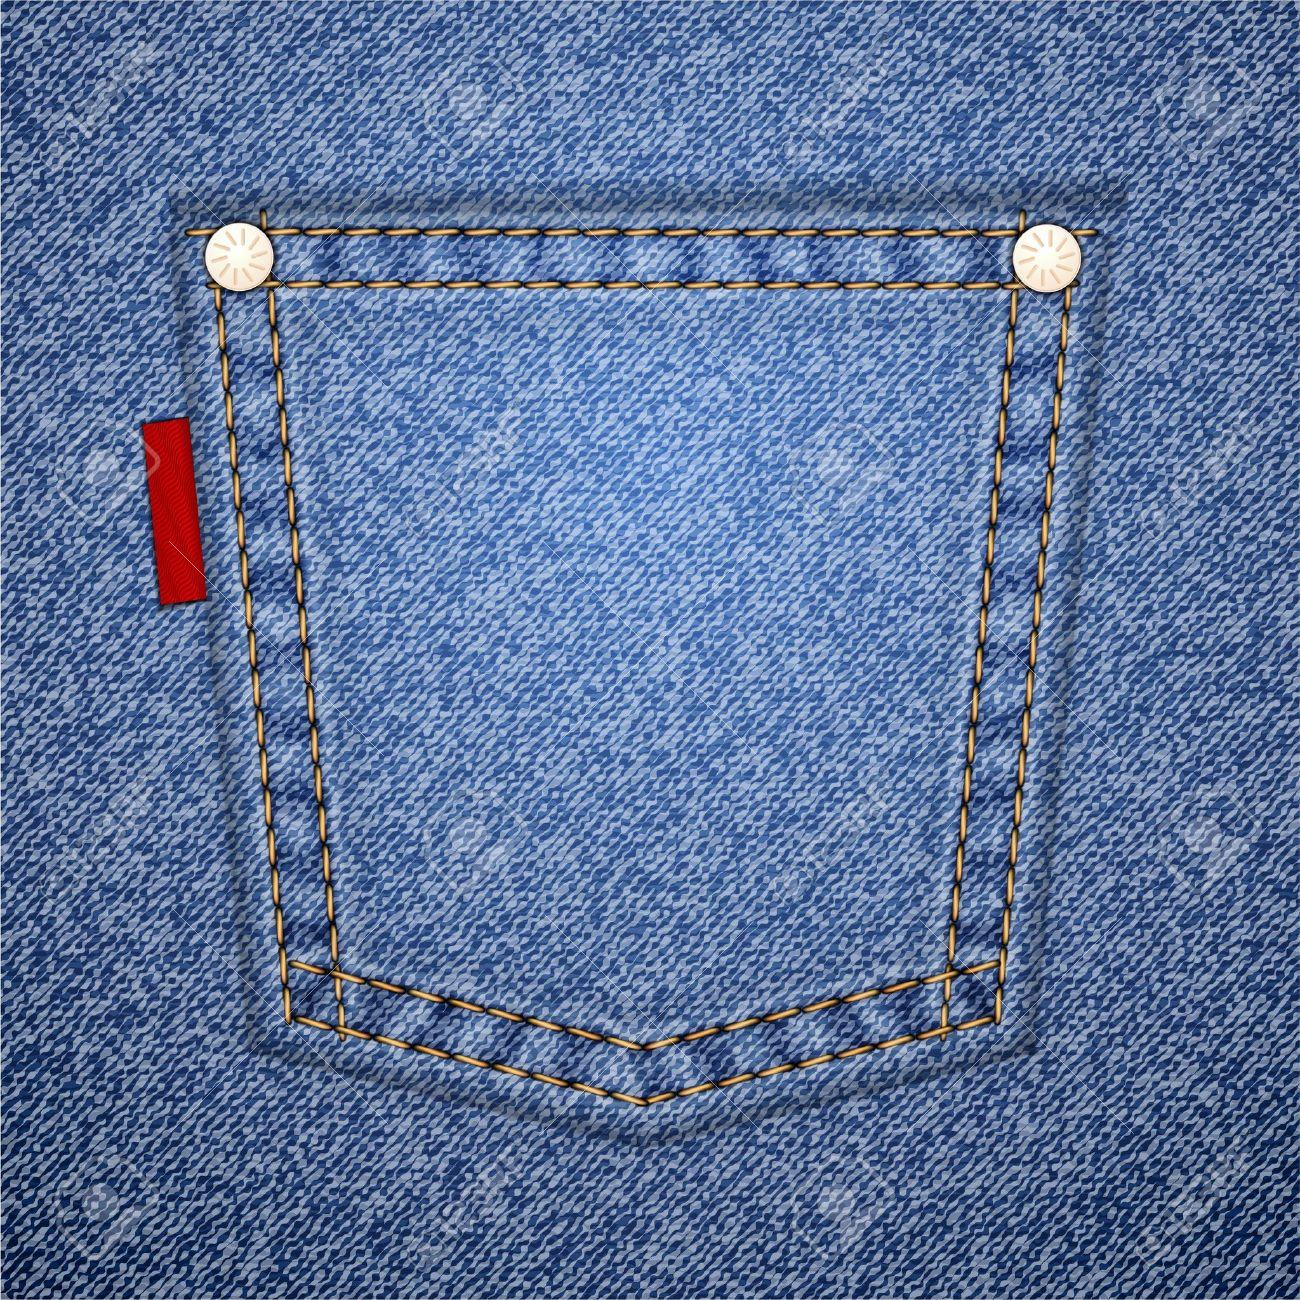 パターン デニムのジーンズのポケットベクトル イラストそれは簡単に